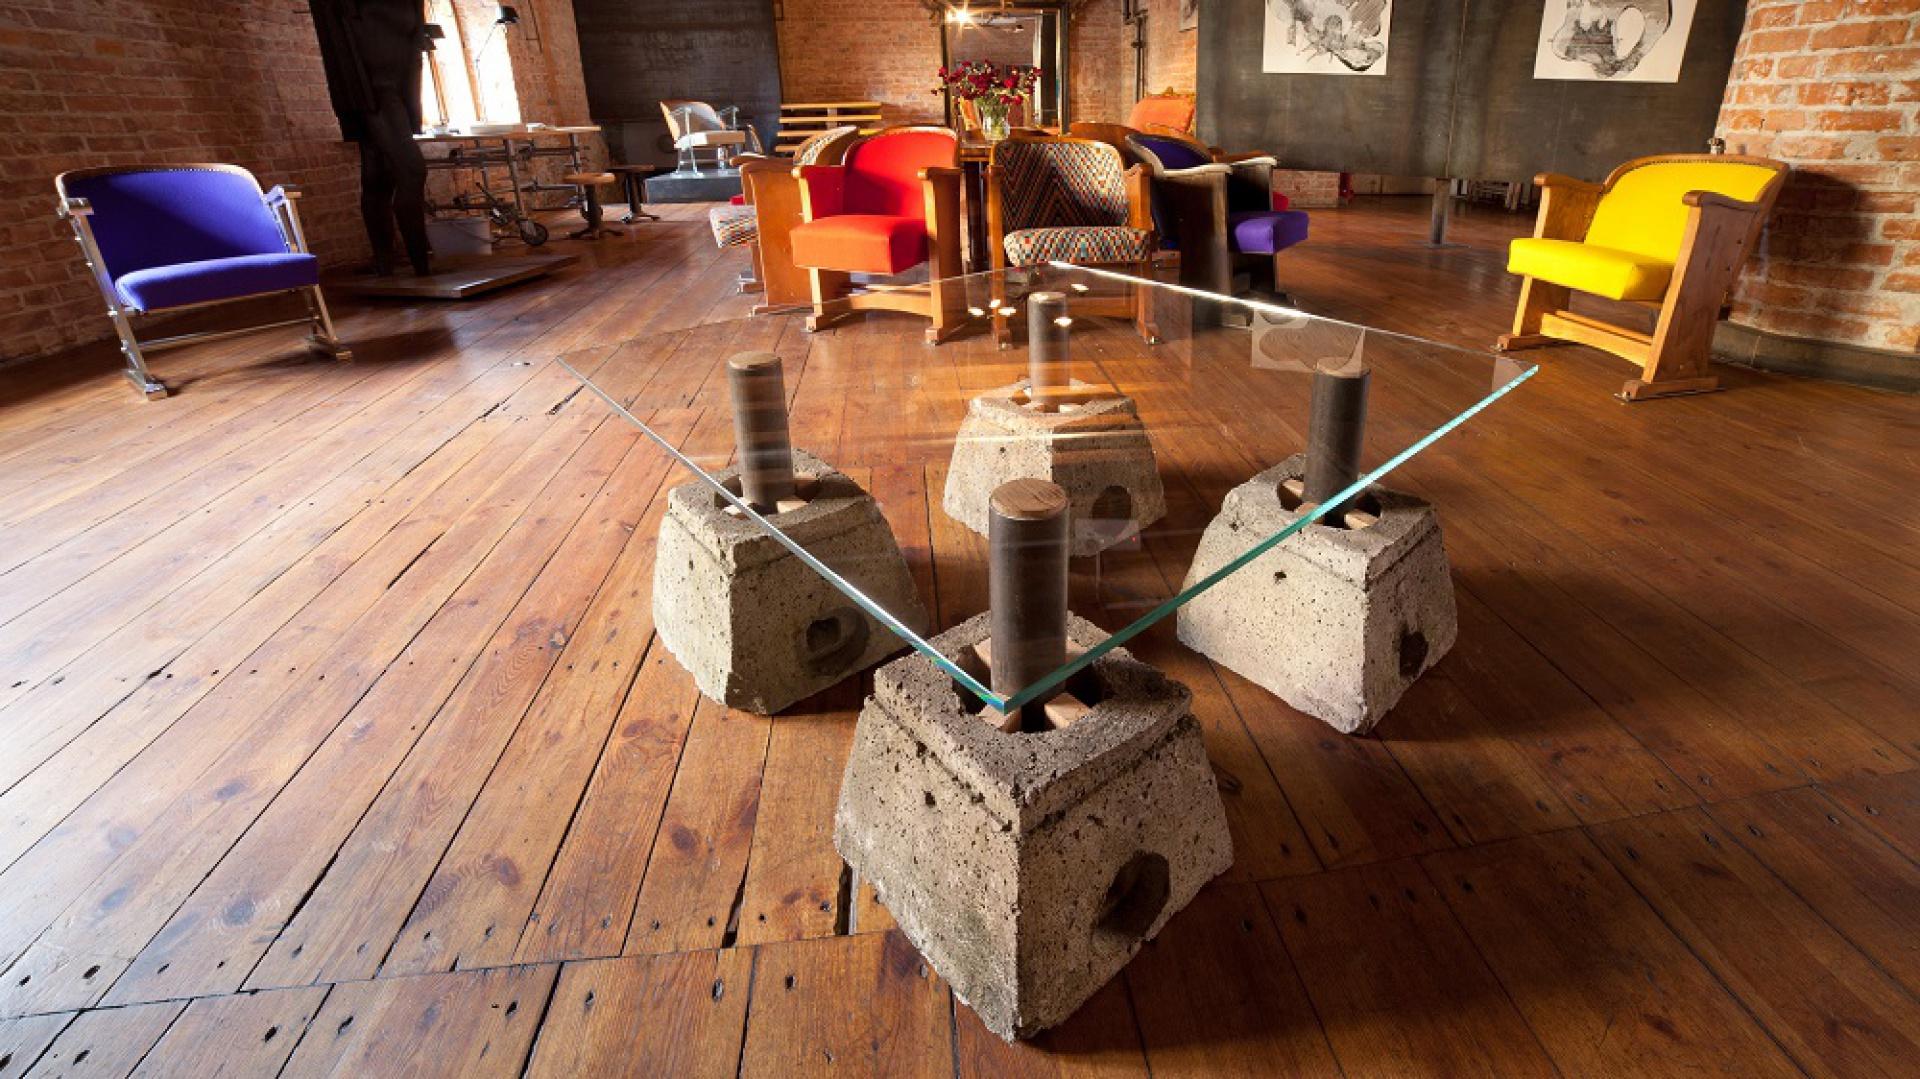 Kolekcja Nizio Interior to niebanalne rozwiązanie dla ludzi ceniących sobie innowacyjność w projektowaniu wnętrza. Fot. Nizio Interior